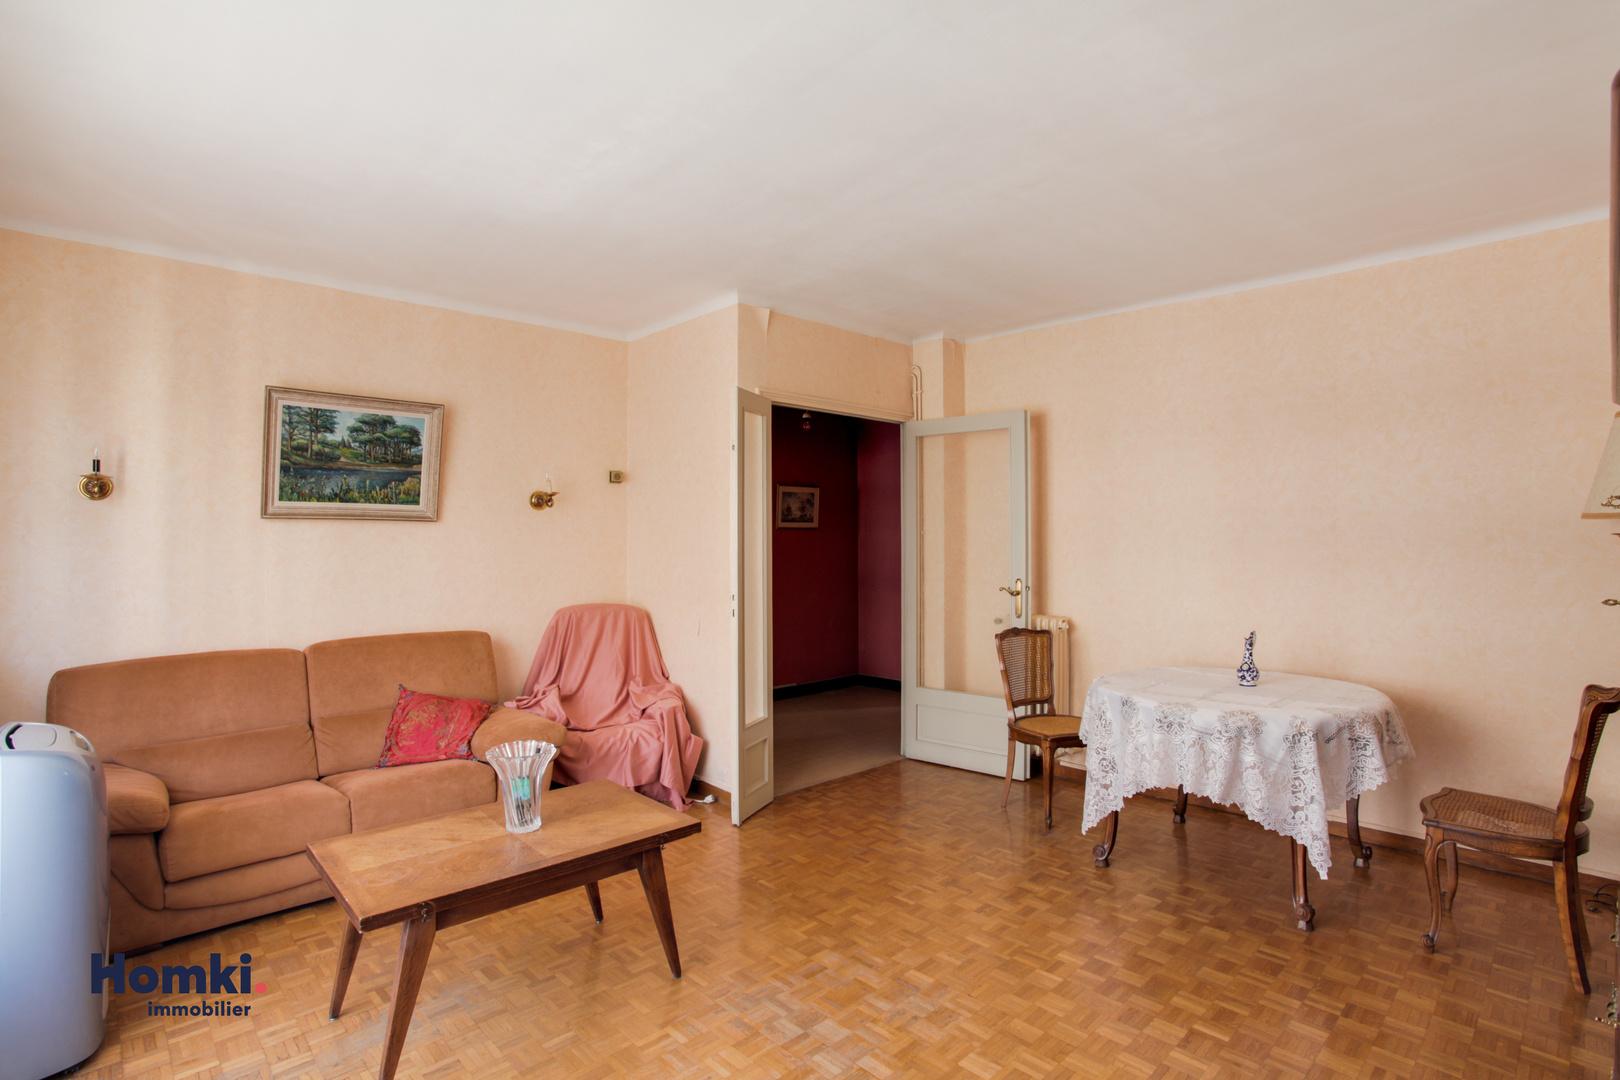 Homki - Vente appartement  de 85.26 m² à marseille 13005